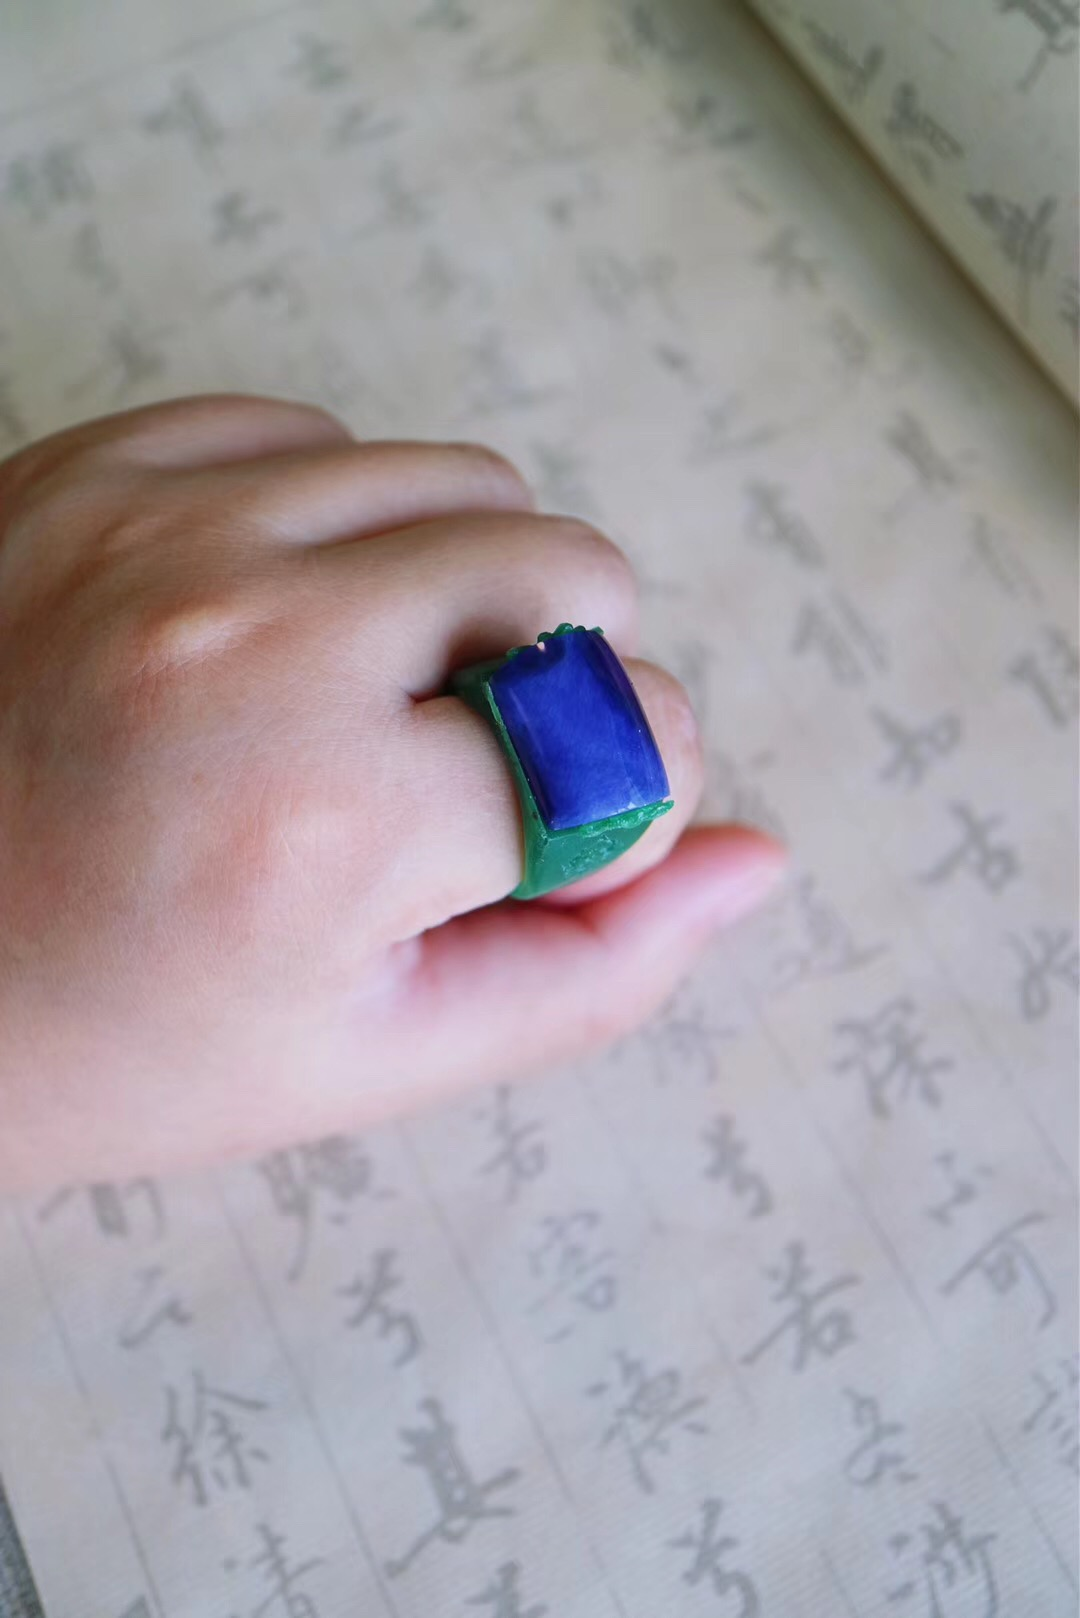 【舒俱来】福气奶奶的霸气莲花舒俱来戒指-菩心晶舍